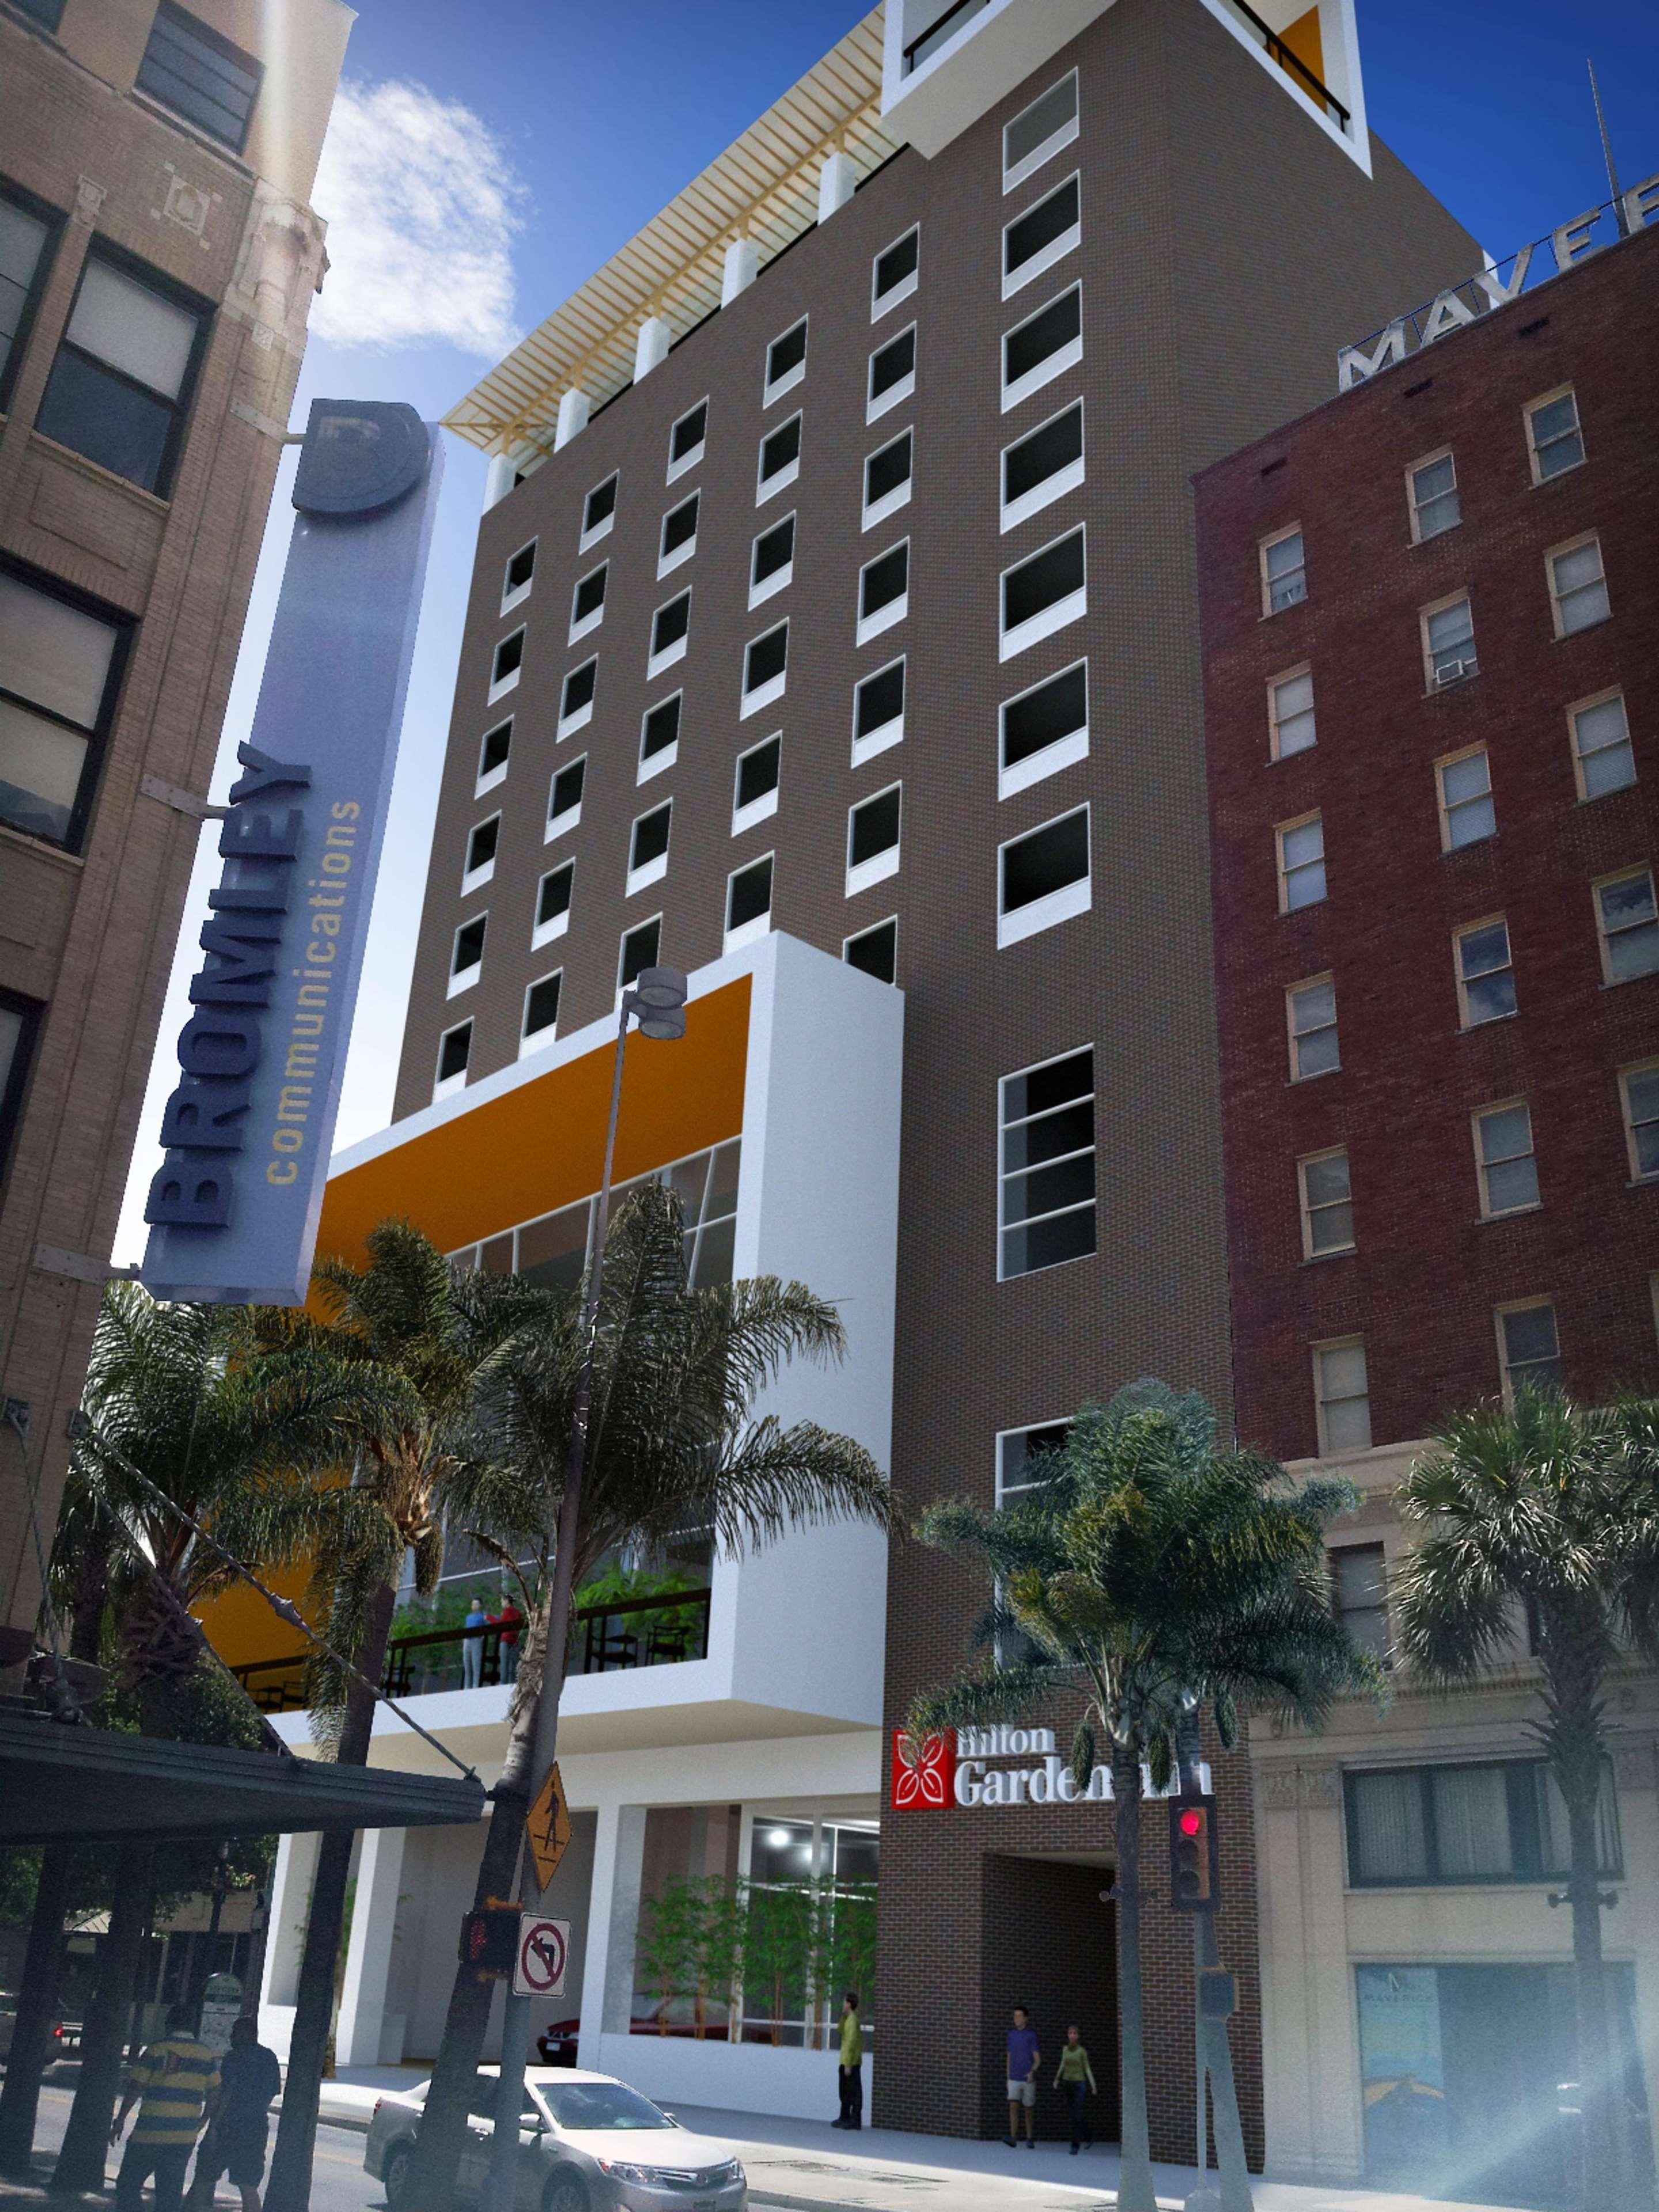 Hilton Garden Inn San Antonio Downtown image 0